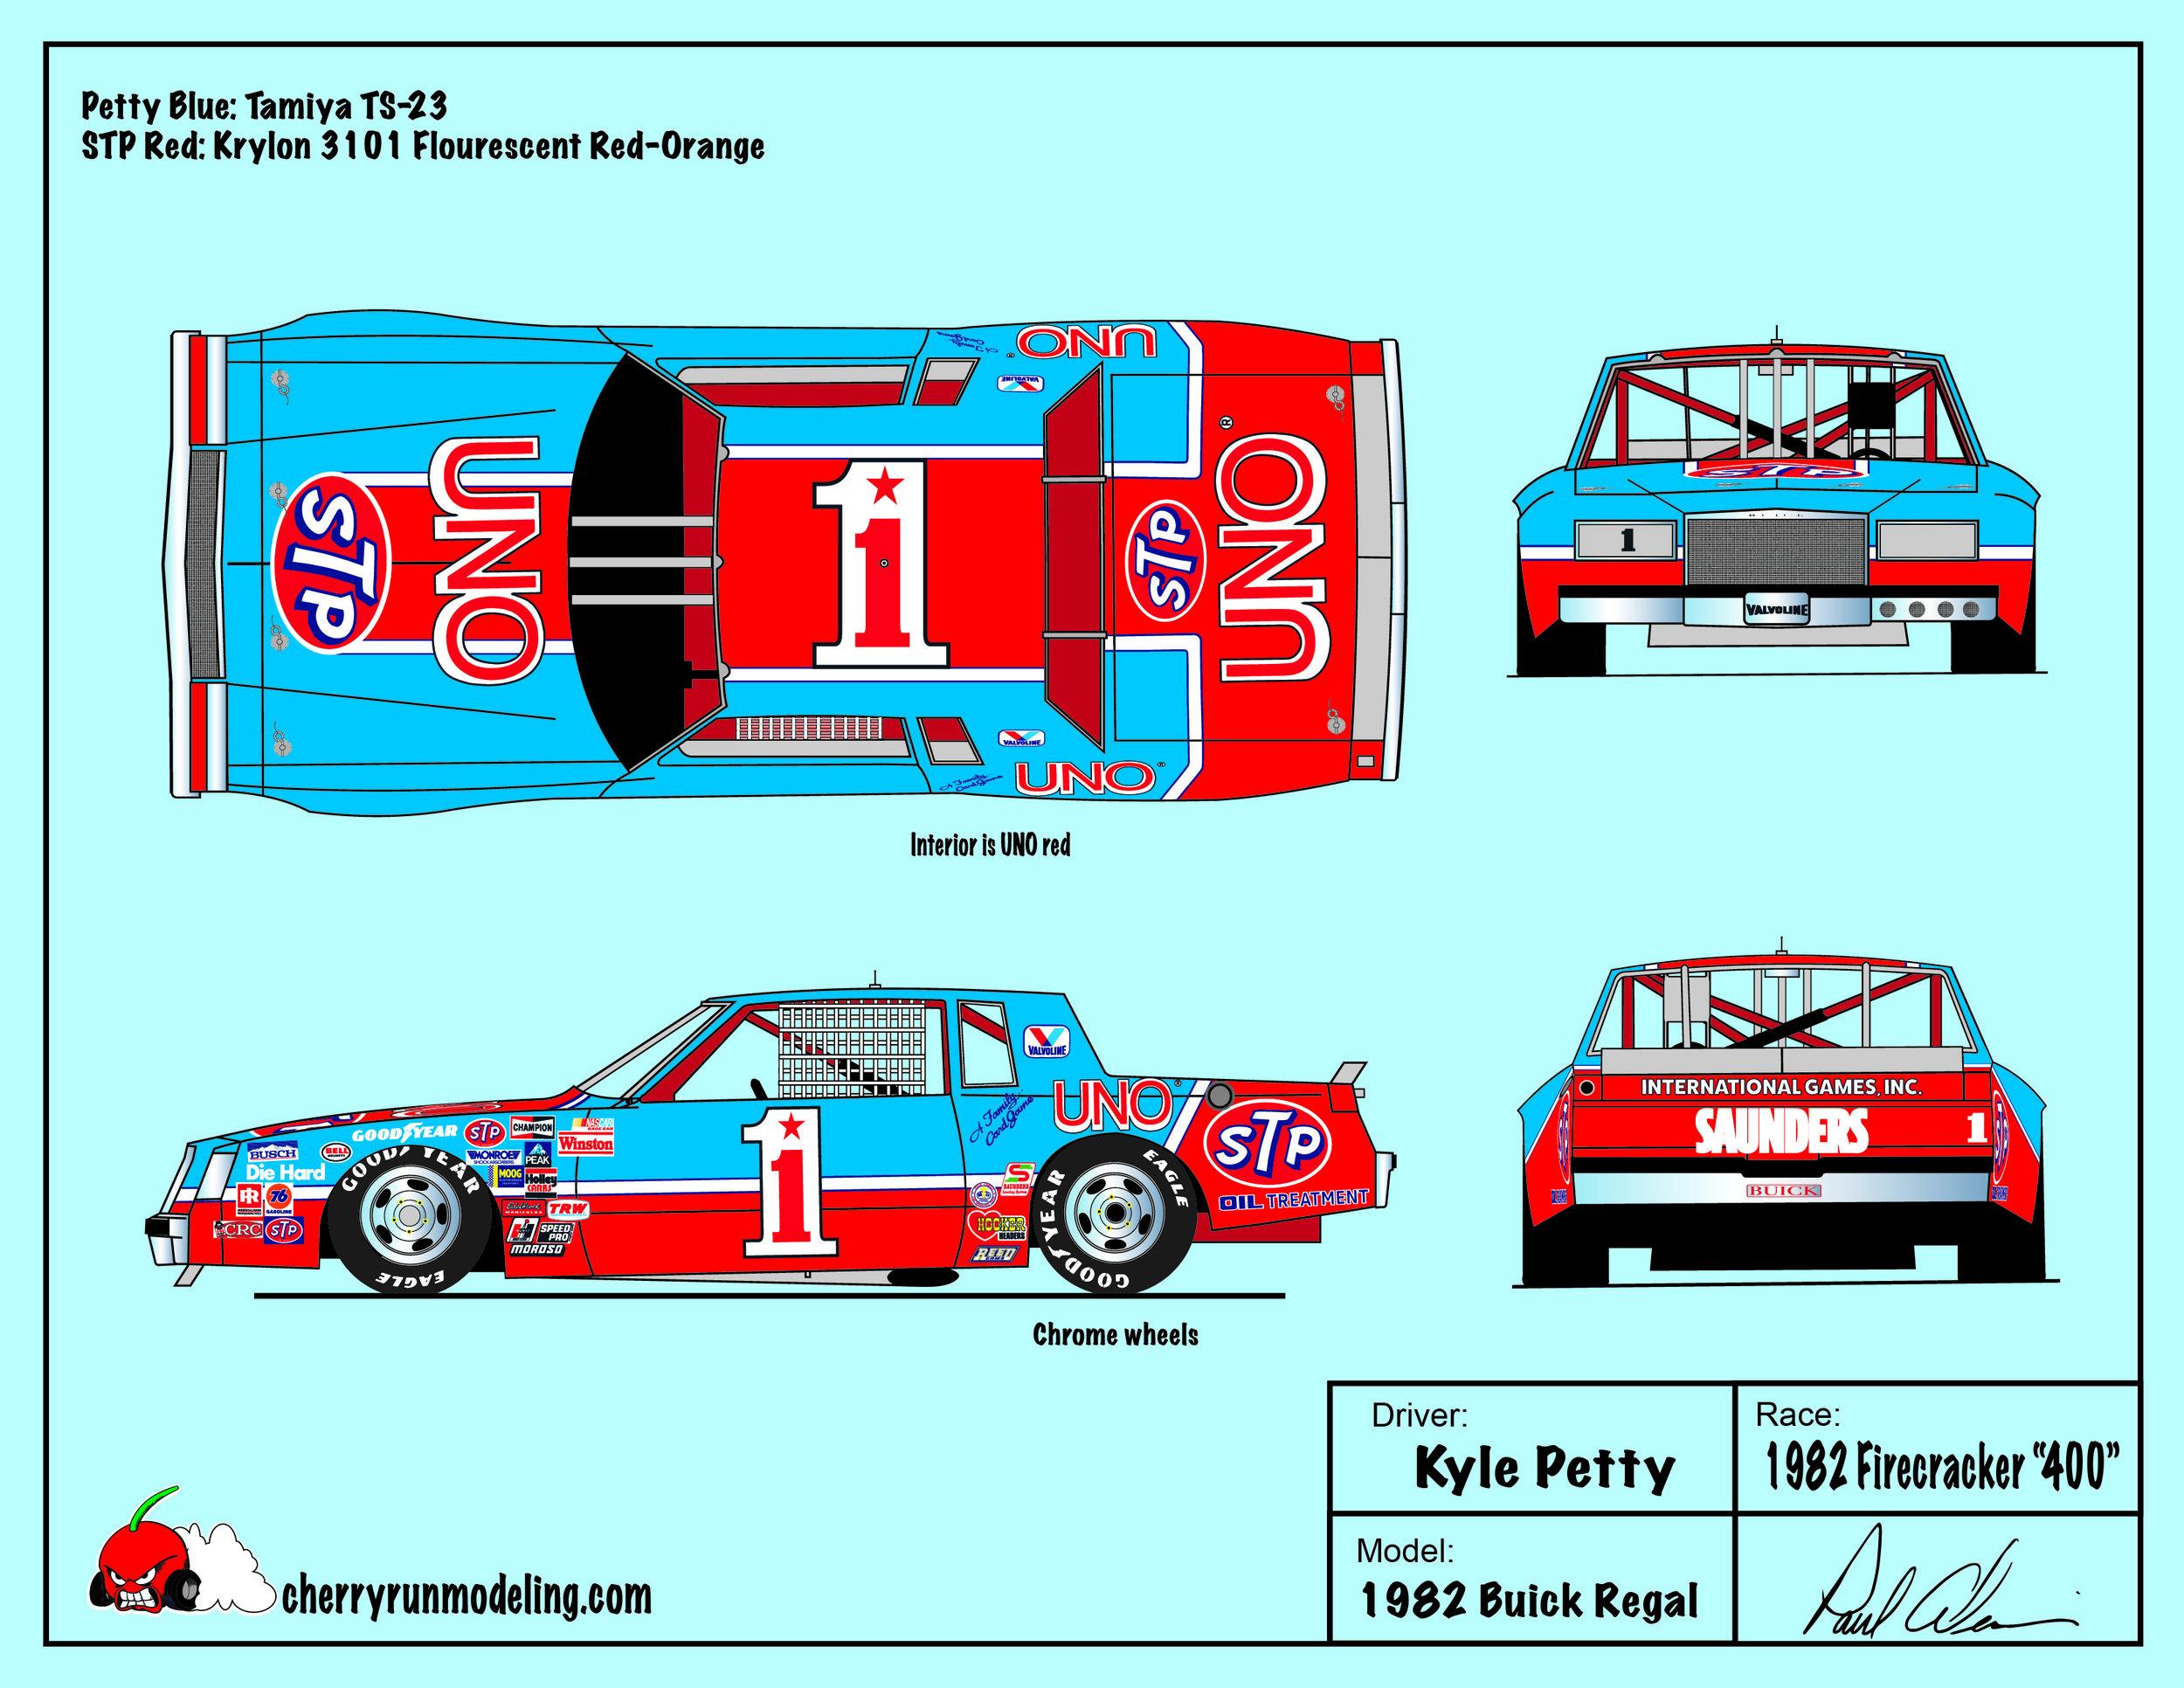 Kyle Petty 1982 Firecracker 400.jpg